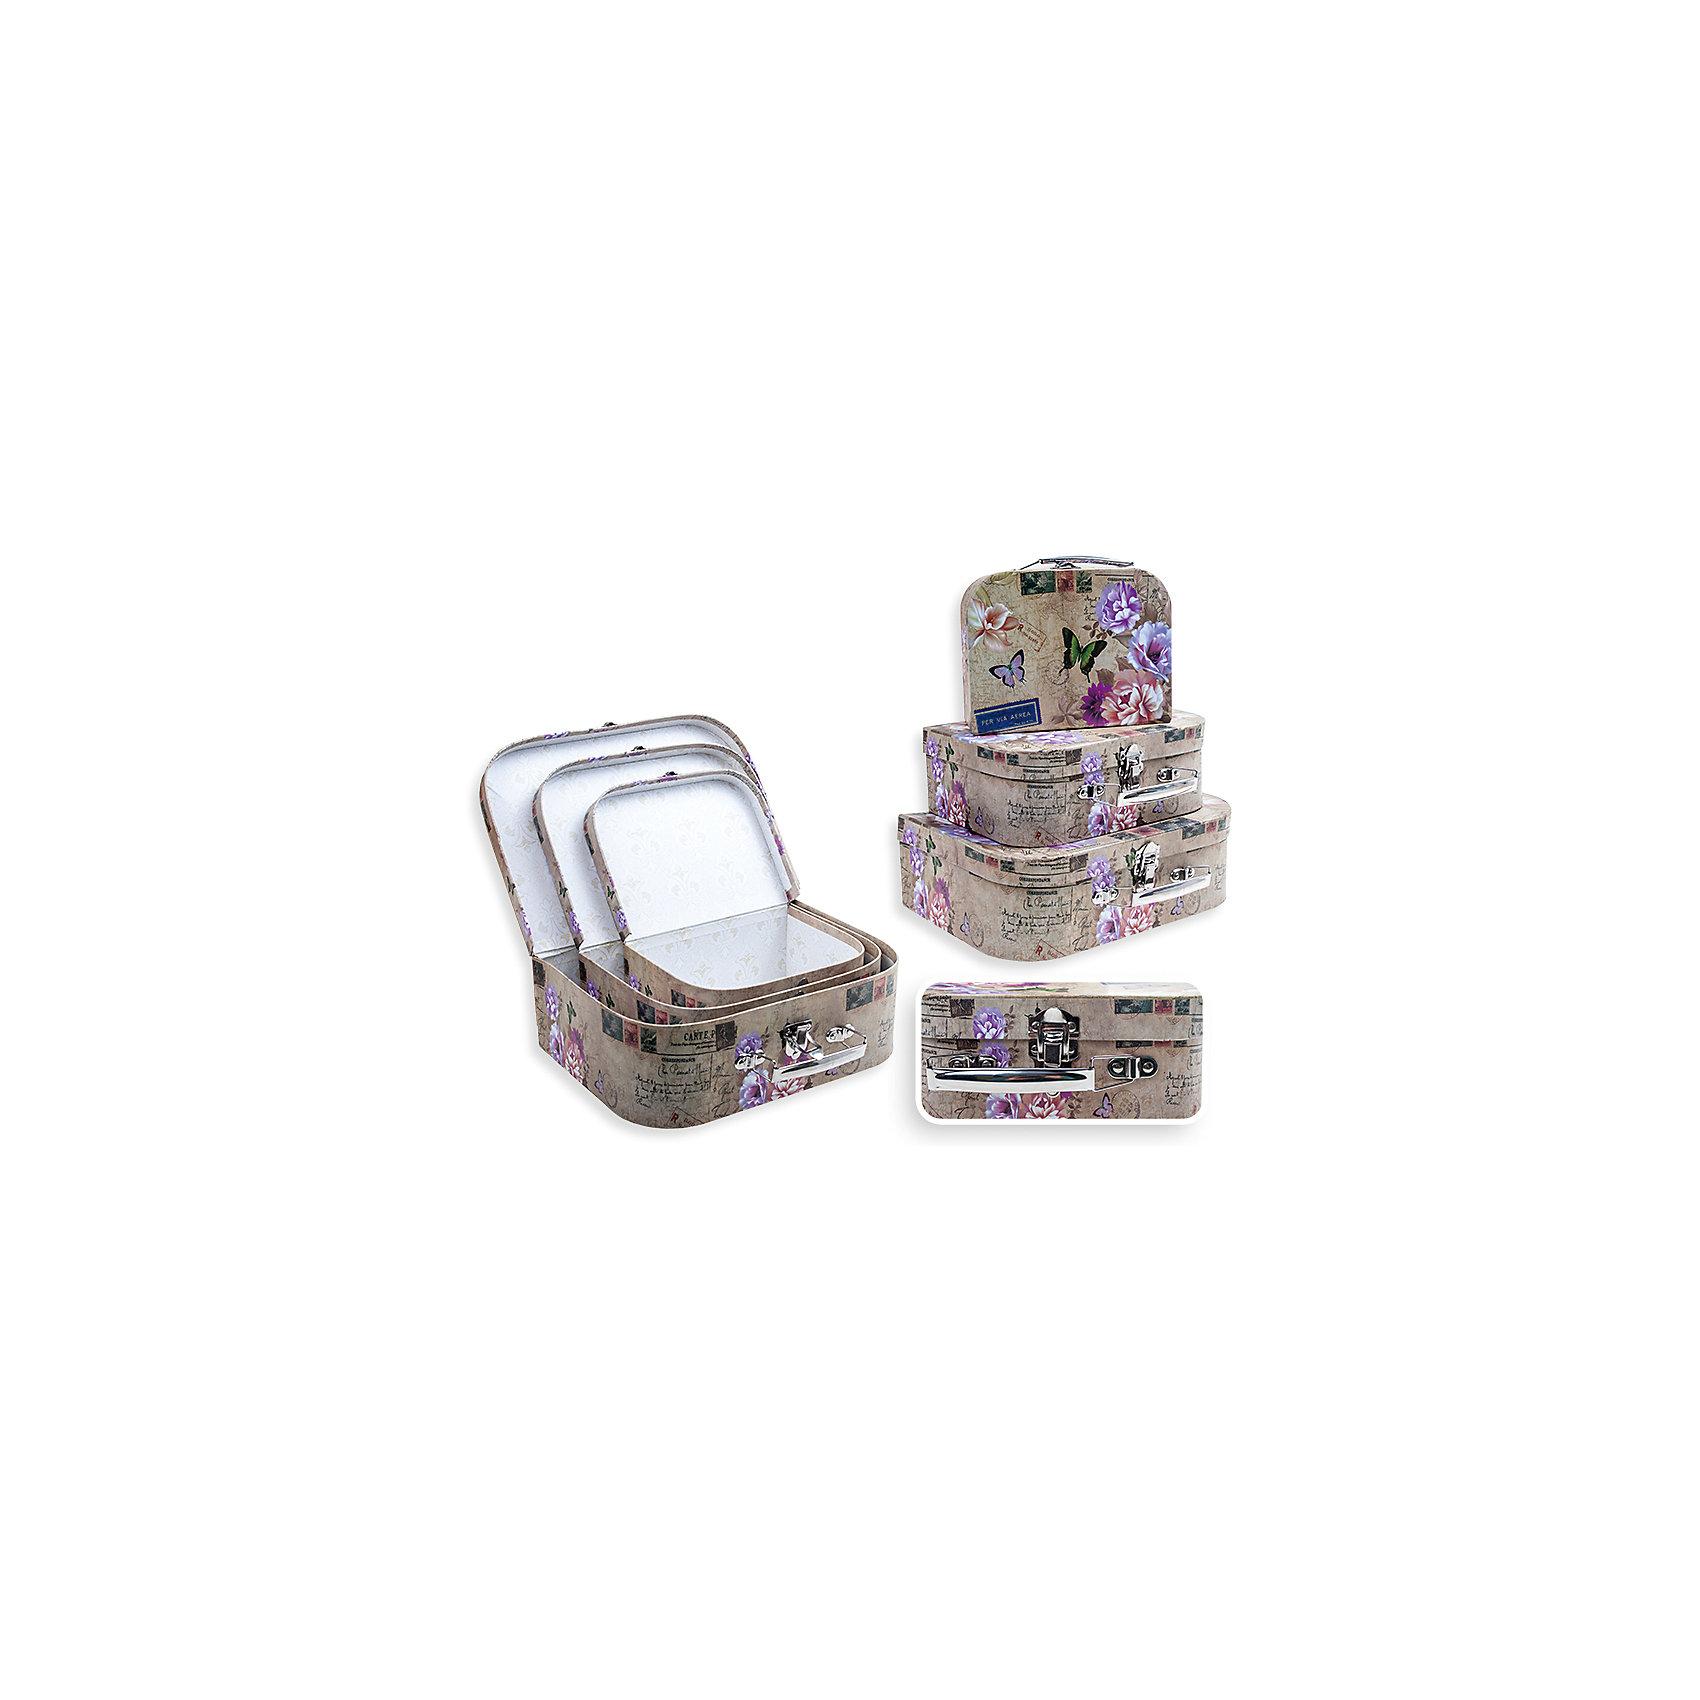 Набор подарочных коробок Прованс, чемоданчики, 3 шт., SchreiberПредметы интерьера<br>Характеристики Товара:<br><br>• размеры: 30х21 см, 25х18 см, 20х15 см<br>• комплектация: 3 шт разного размера<br>• для подарков<br>• материал: бумага<br>• принт<br>• в форме чемоданчиков<br>• страна бренда: Российская Федерация<br>• страна производства: Китай<br><br>Дарить подарки - целое искусство. Получать подарки приятнее всего в красивой упаковке! Такой набор коробок поможет сделать сюрприз еще радостнее. В комплекте - три коробки разного размера, но с одинаковой расцветкой. Удобный формат, приятные оттенки, качественное исполнение! Из такой упаковки приятно доставать подарок на Новый год или другой праздник!<br>Коробки выглядят очень красиво. Их также можно использовать для хранения различных вещей - изделия будут отлично смотреться в любом интерьере. Товар производится из качественных и проверенных материалов, которые безопасны для детей.<br><br>Набор подарочных коробок Прованс, чемоданчики, 3 шт., от бренда Schreiber можно купить в нашем интернет-магазине.<br><br>Ширина мм: 300<br>Глубина мм: 300<br>Высота мм: 210<br>Вес г: 500<br>Возраст от месяцев: 36<br>Возраст до месяцев: 216<br>Пол: Унисекс<br>Возраст: Детский<br>SKU: 5246276